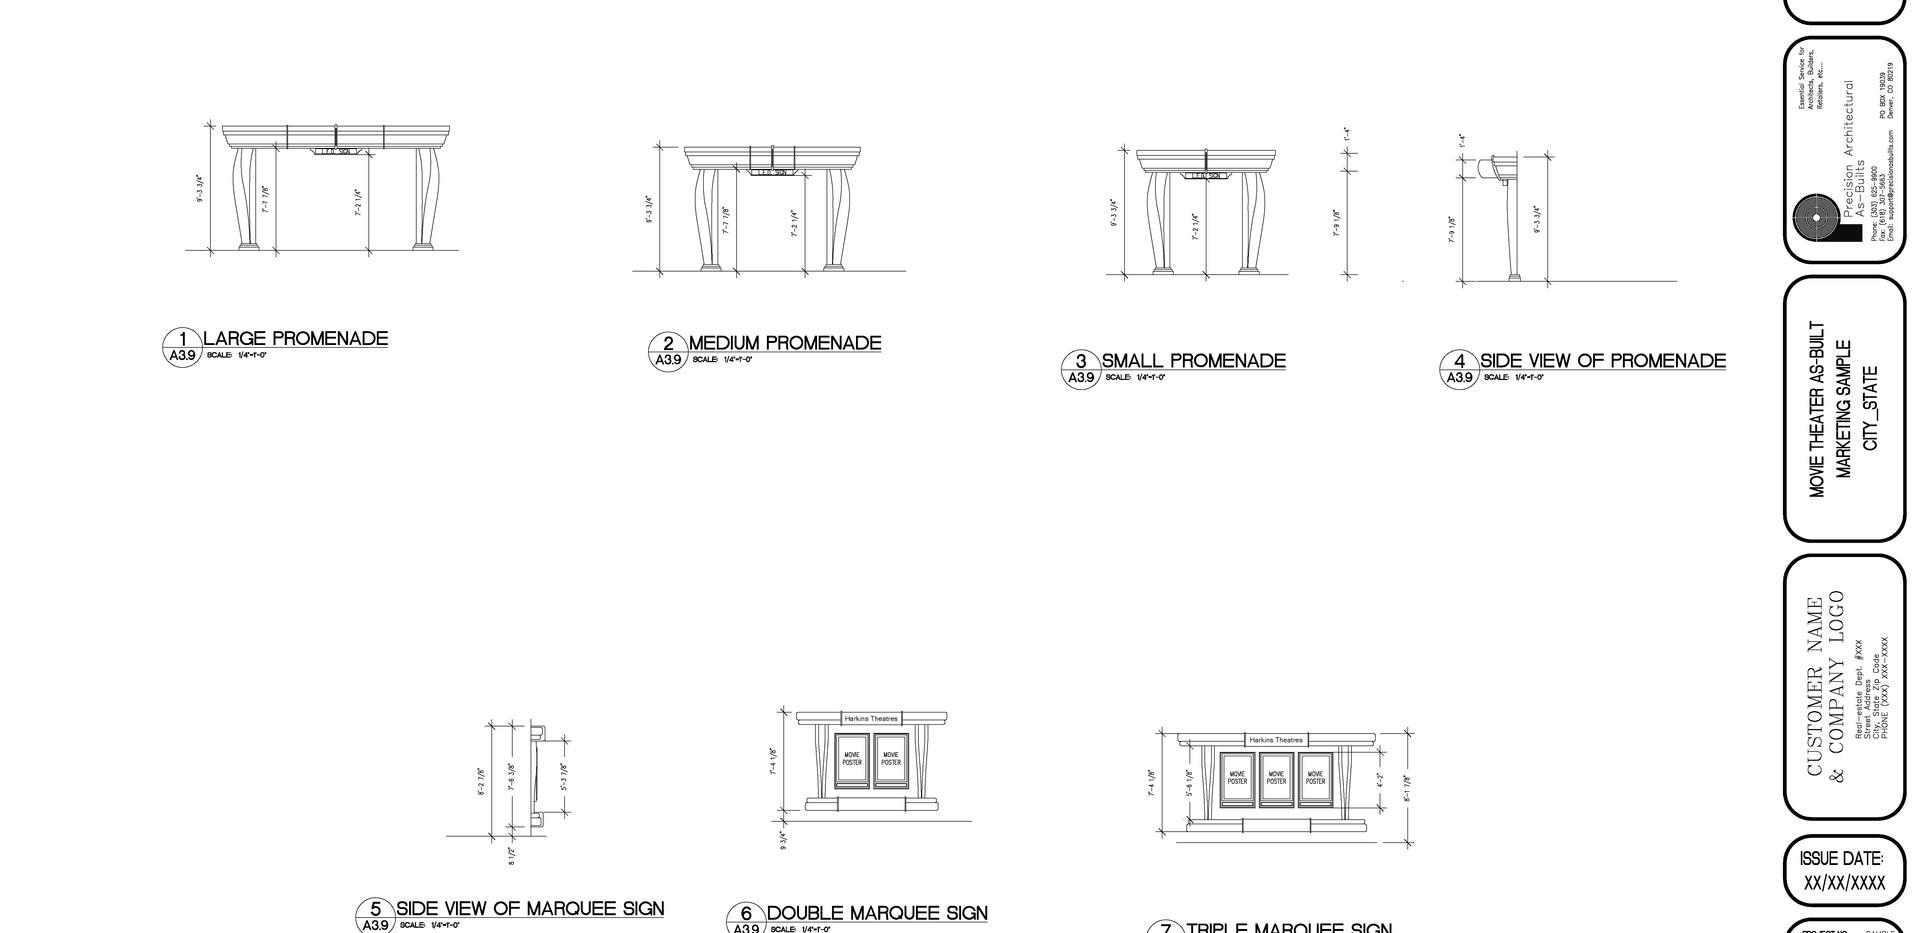 Interior Elevations A3.9